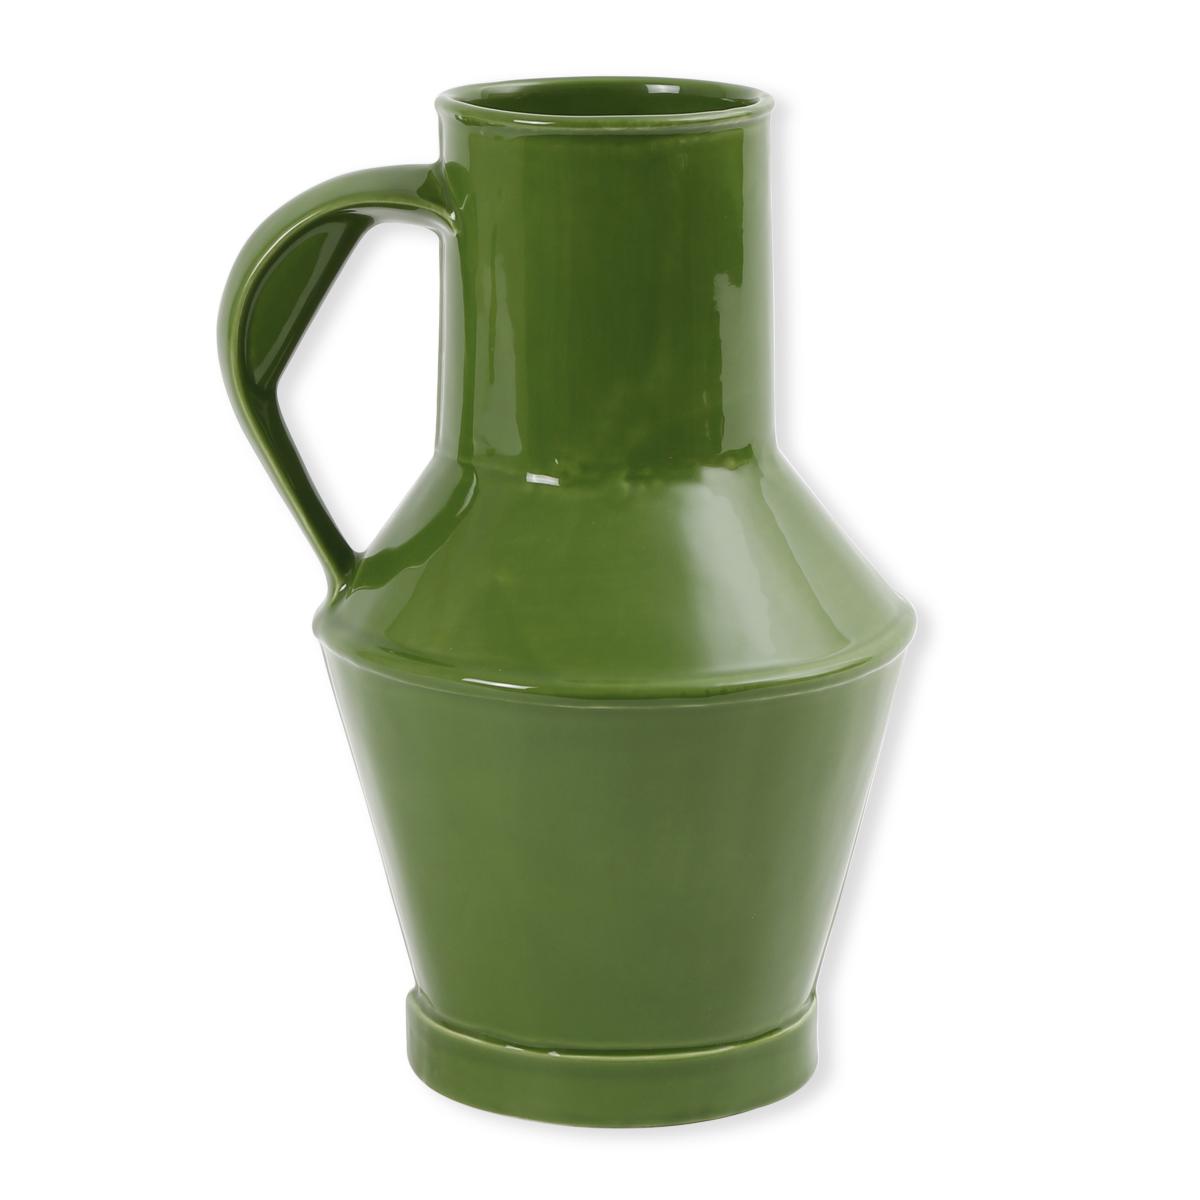 Vase en c ramique color e bleu turquoise objet deco bruno evrard - Objet deco bleu turquoise ...